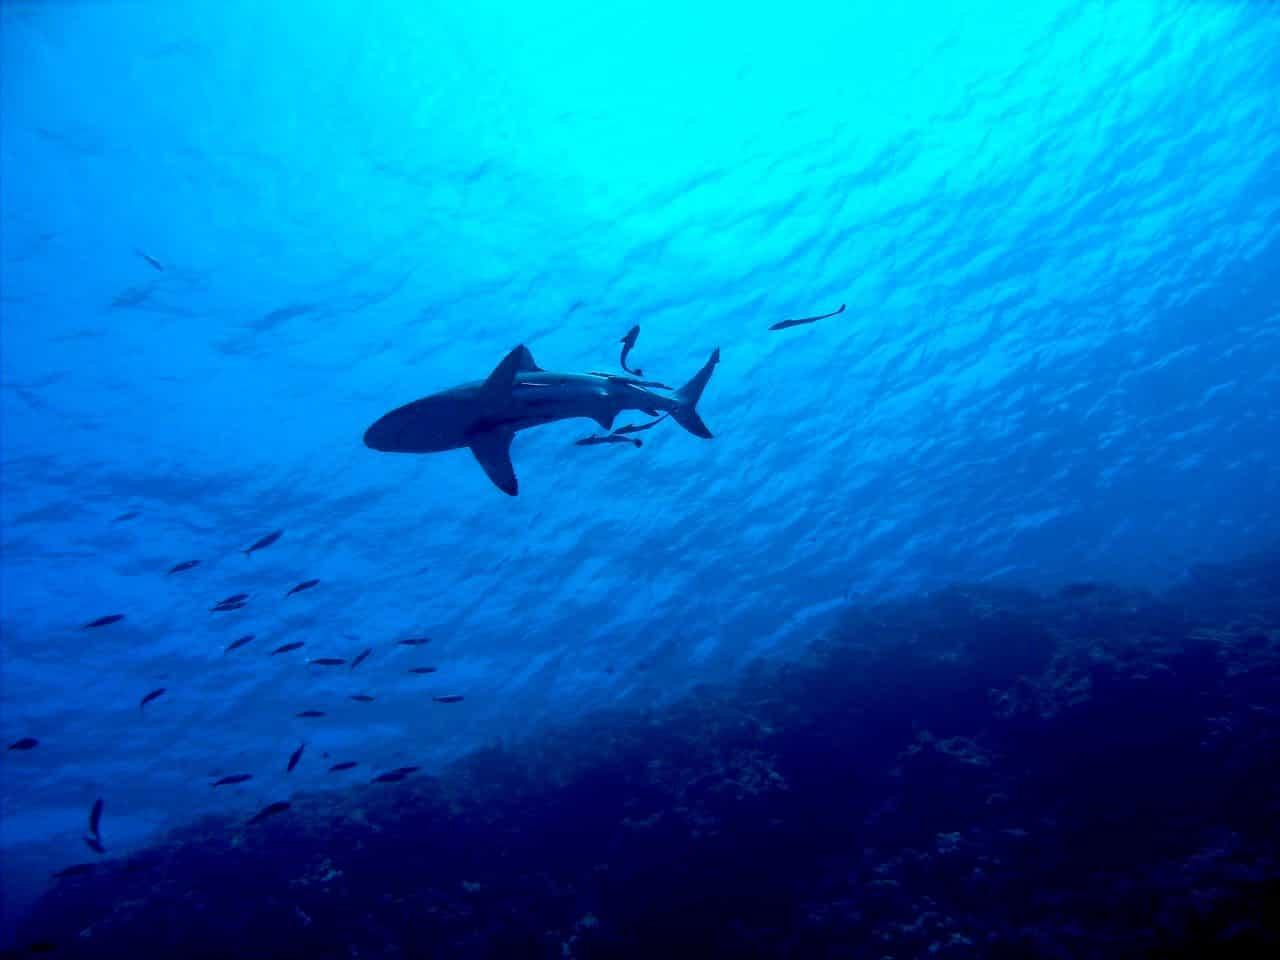 Angelplaetze - Great barrier reef Australien angeln